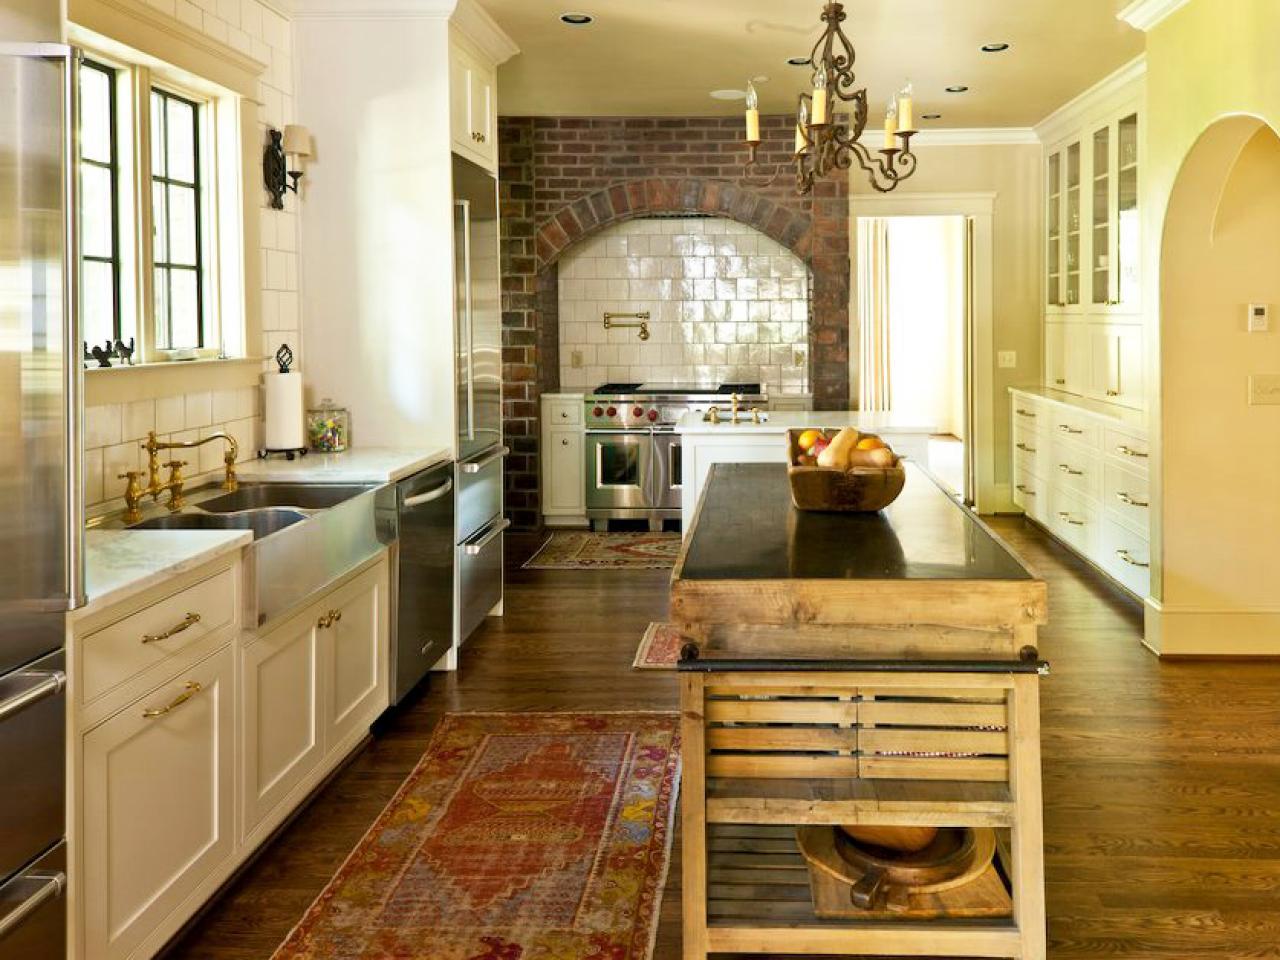 Wohnideen für eine Provence Küche - Innendesign, Küche - ZENIDEEN